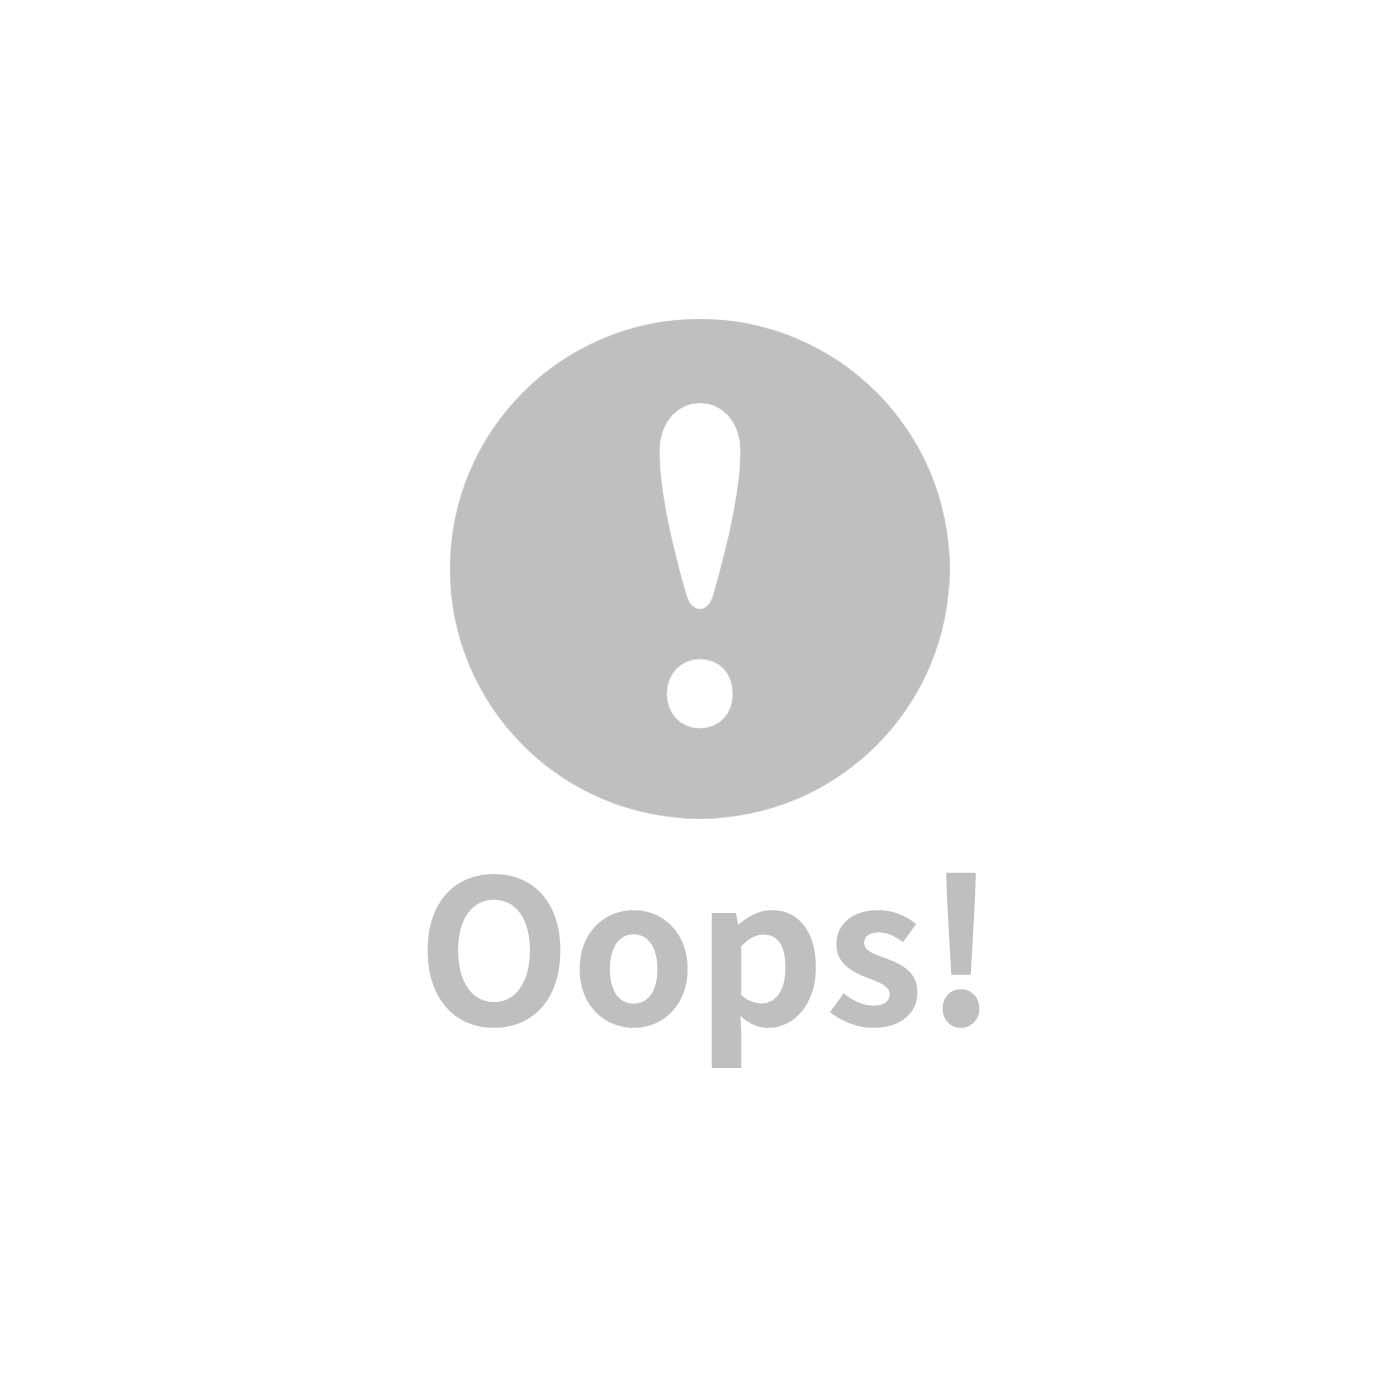 air cossi透氣抗菌天絲推車坐墊-頭頸支撐款(4m-3y)(輕柔藍)(綁帶款)